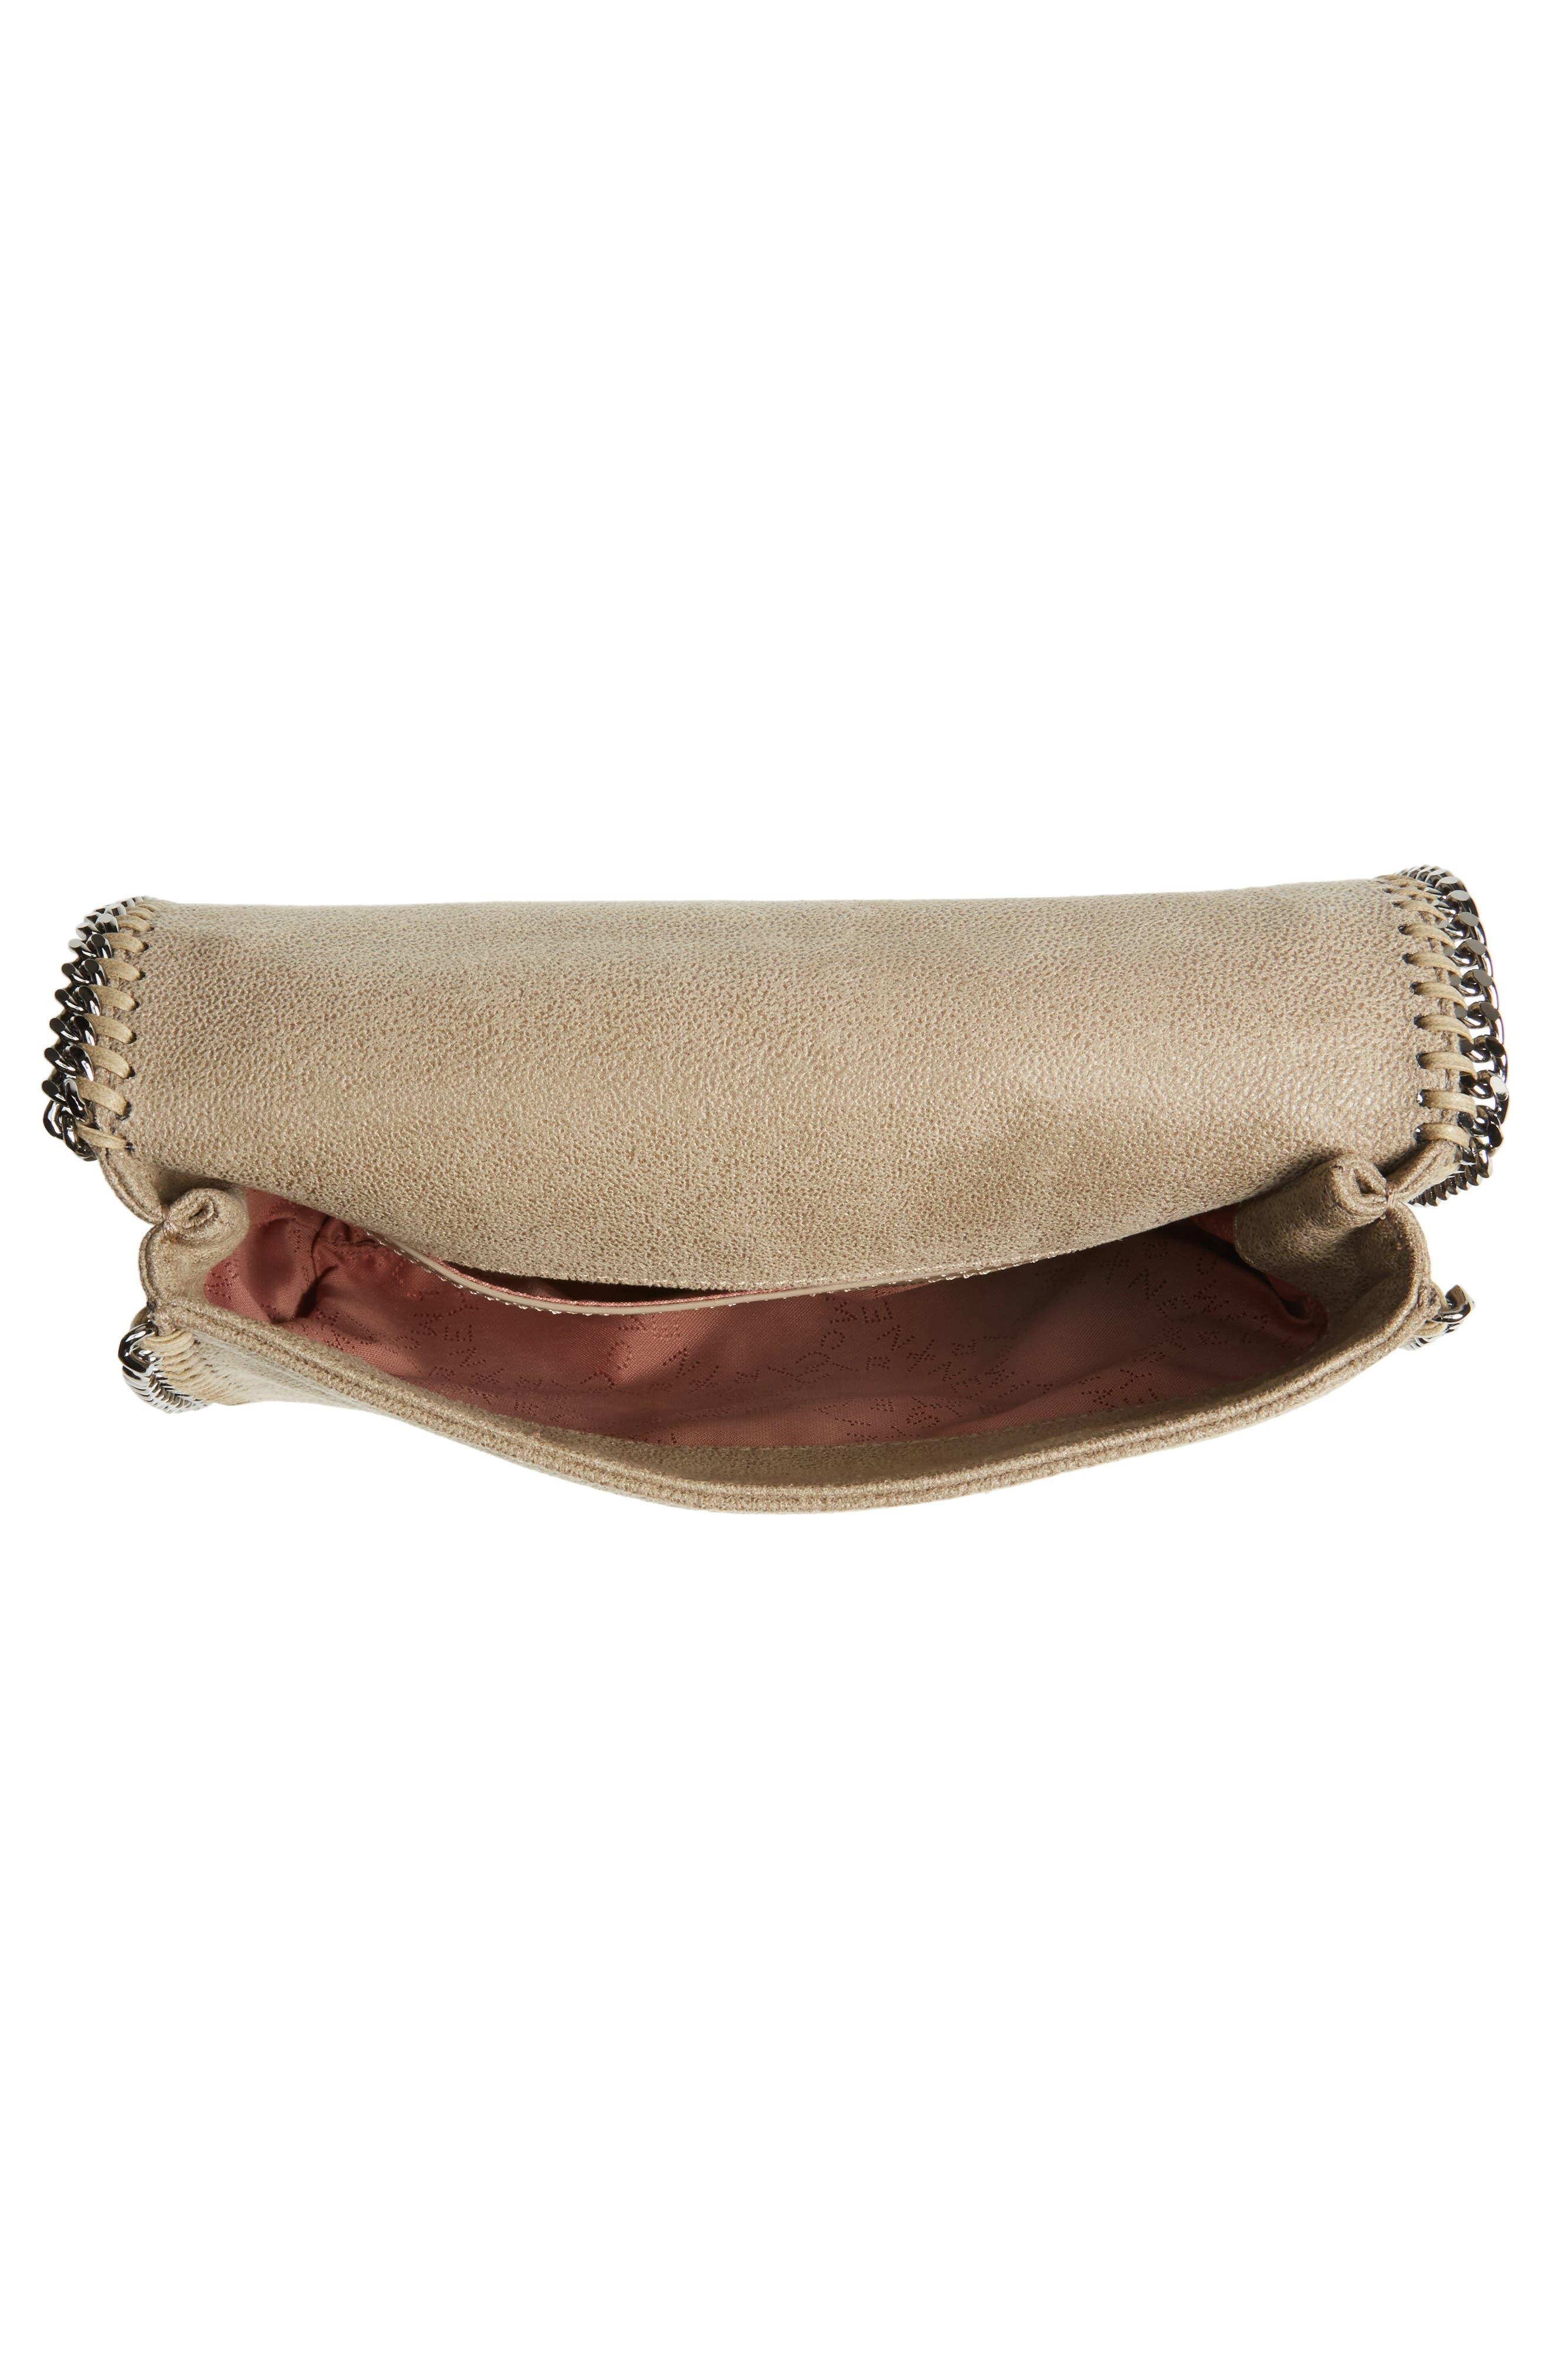 Shaggy Deer Flap Shoulder Bag,                             Alternate thumbnail 15, color,